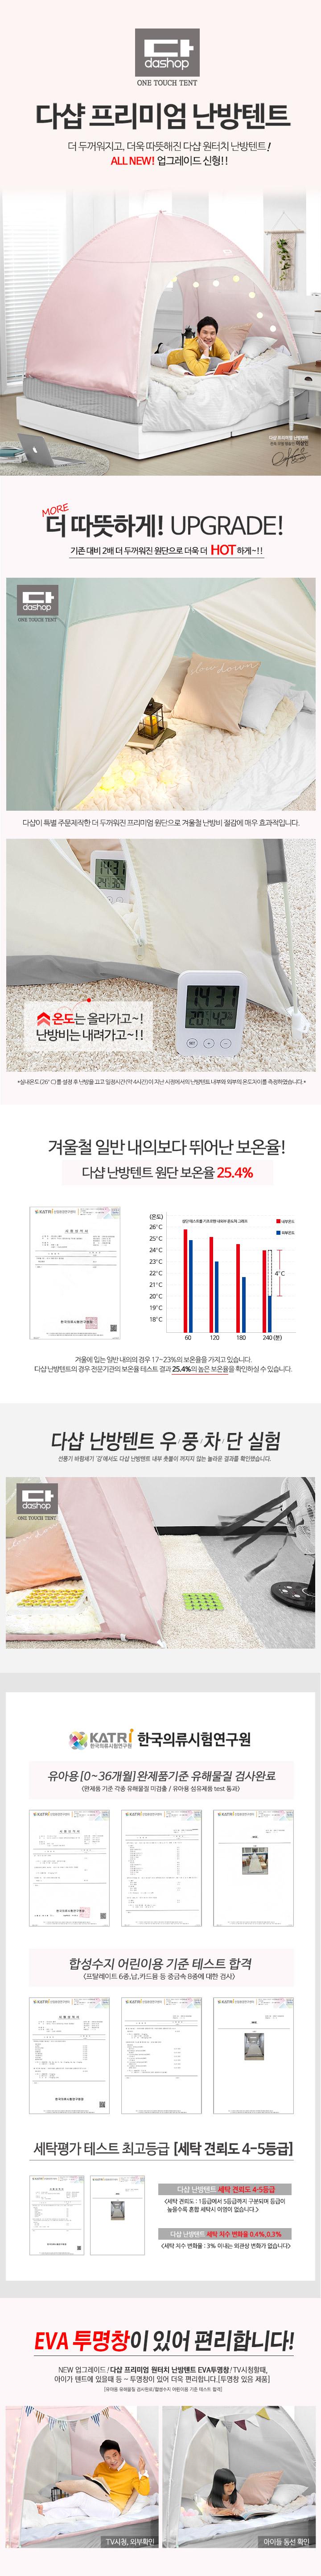 다샵 원터치 MORE 난방텐트 민트 패밀리용(투명창) - 다샵, 52,900원, 난방텐트, 난방텐트